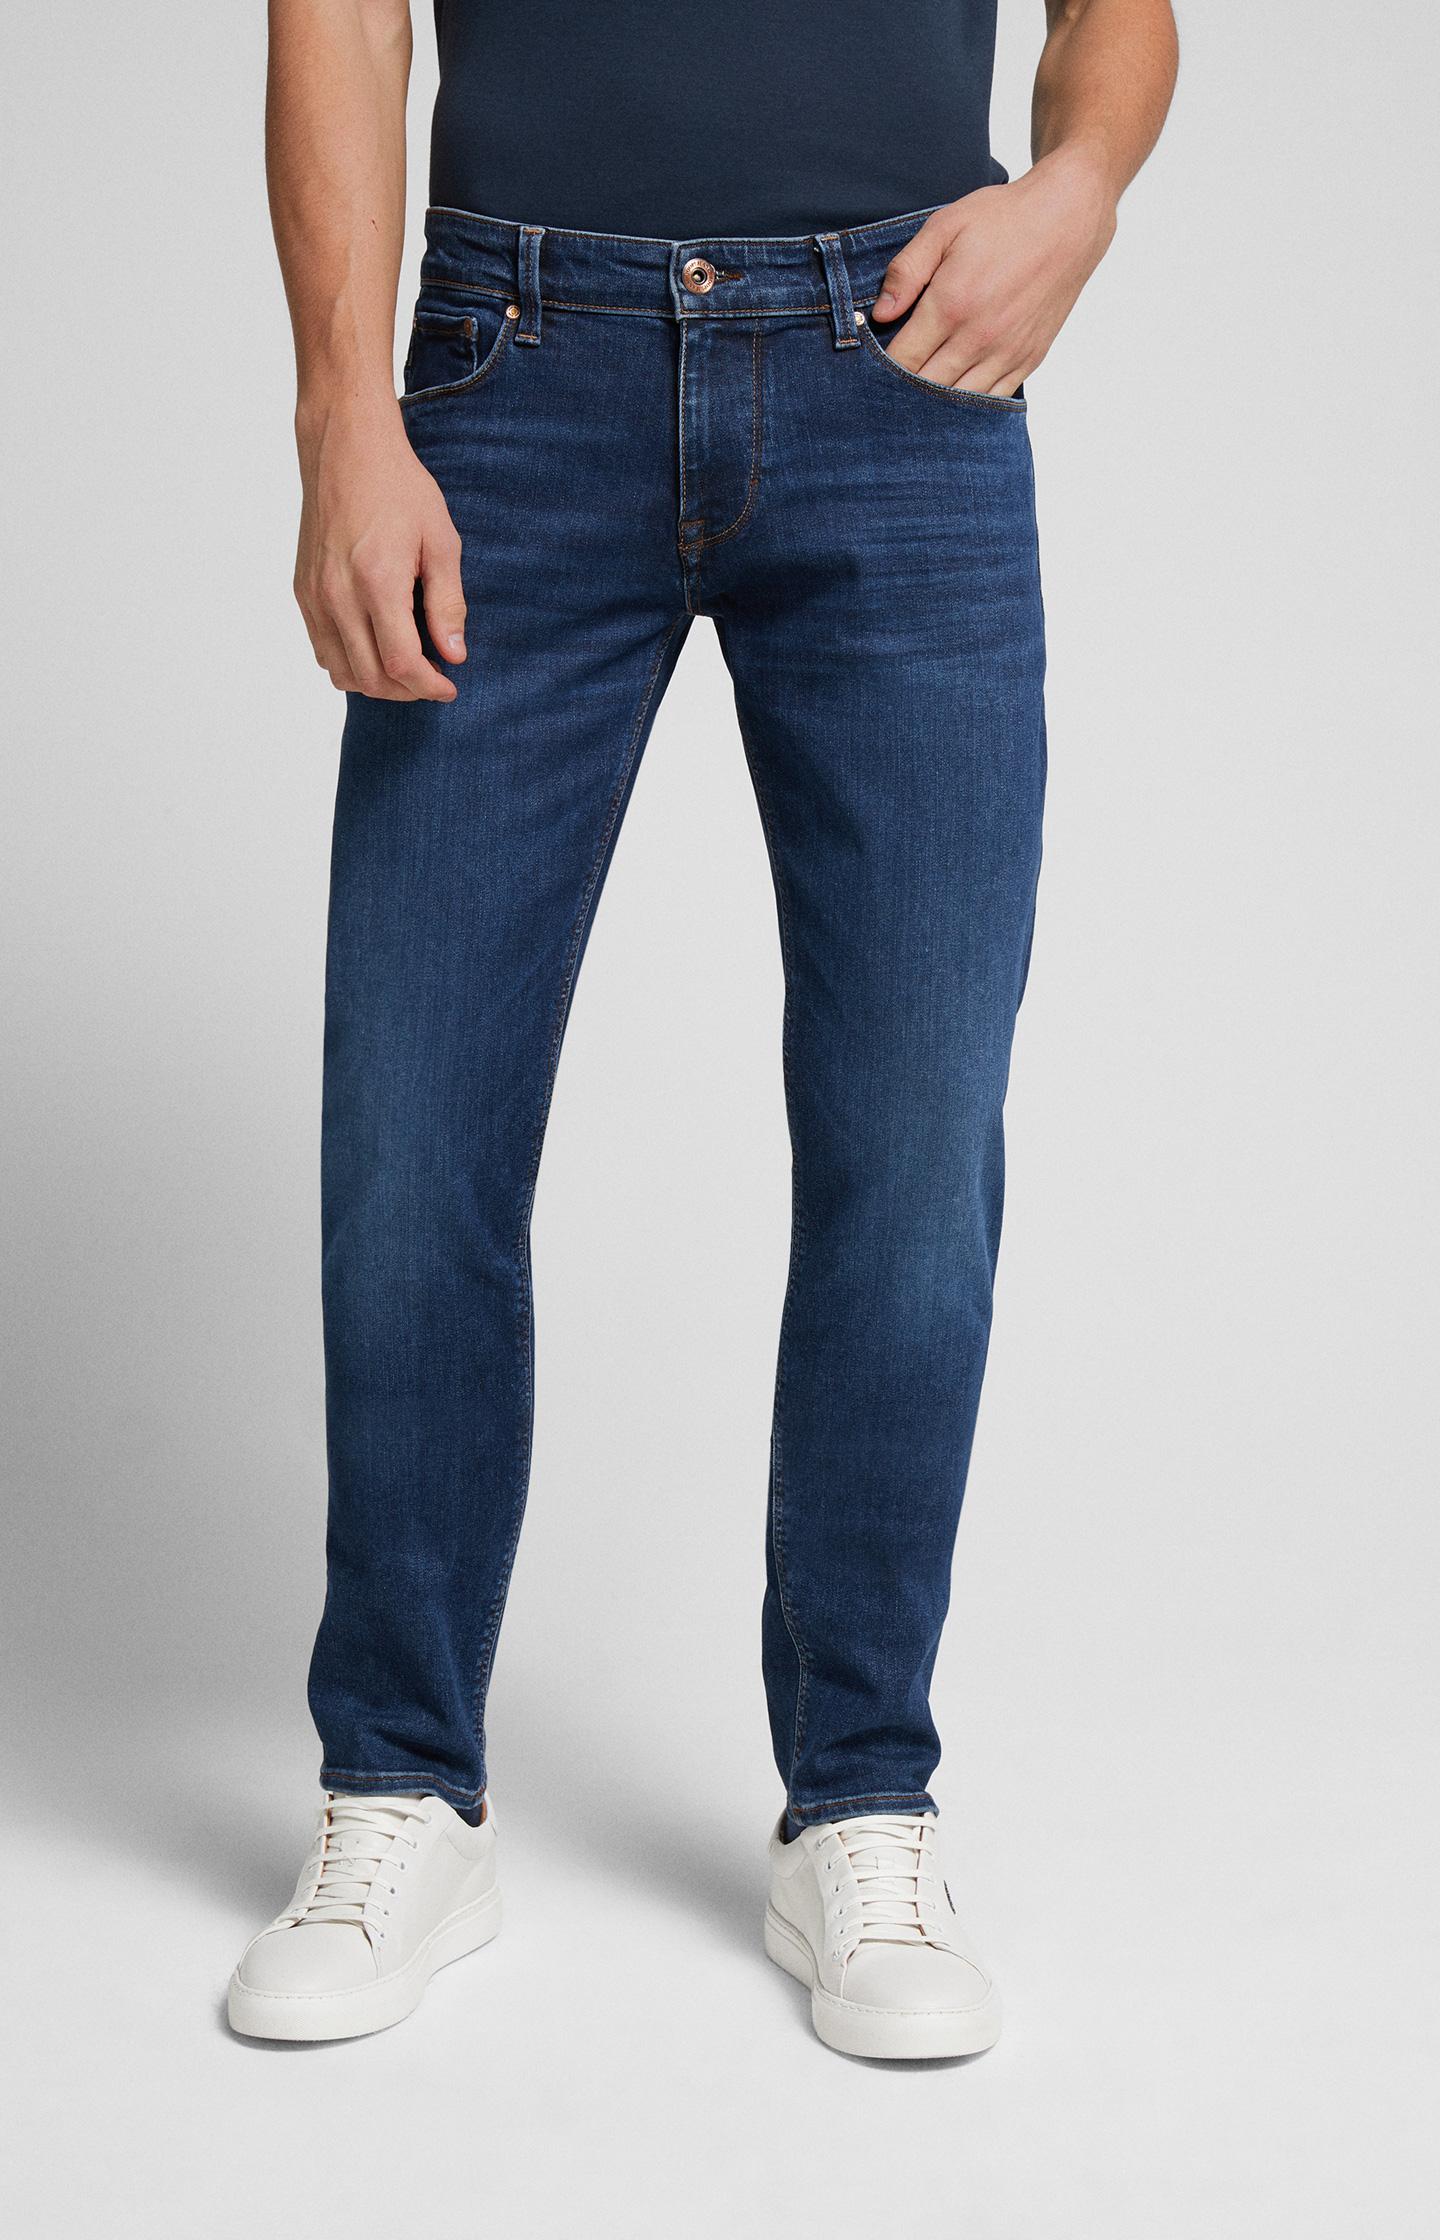 Artikel klicken und genauer betrachten! - Hohe Flexibilität trifft bei den Jeans Stephen auf ein entspanntes Design in leicht ausgewaschenem Navy. Sie ist superstretchig, formbeständig, soft und somit der ideale JOOP! JEANS Style für jeden Tag. Dabei unterstreichen die authentischen Tragefalteneffekte und farblich abgesetzte Steppungen den legeren 5-Pocket-Look.   im Online Shop kaufen